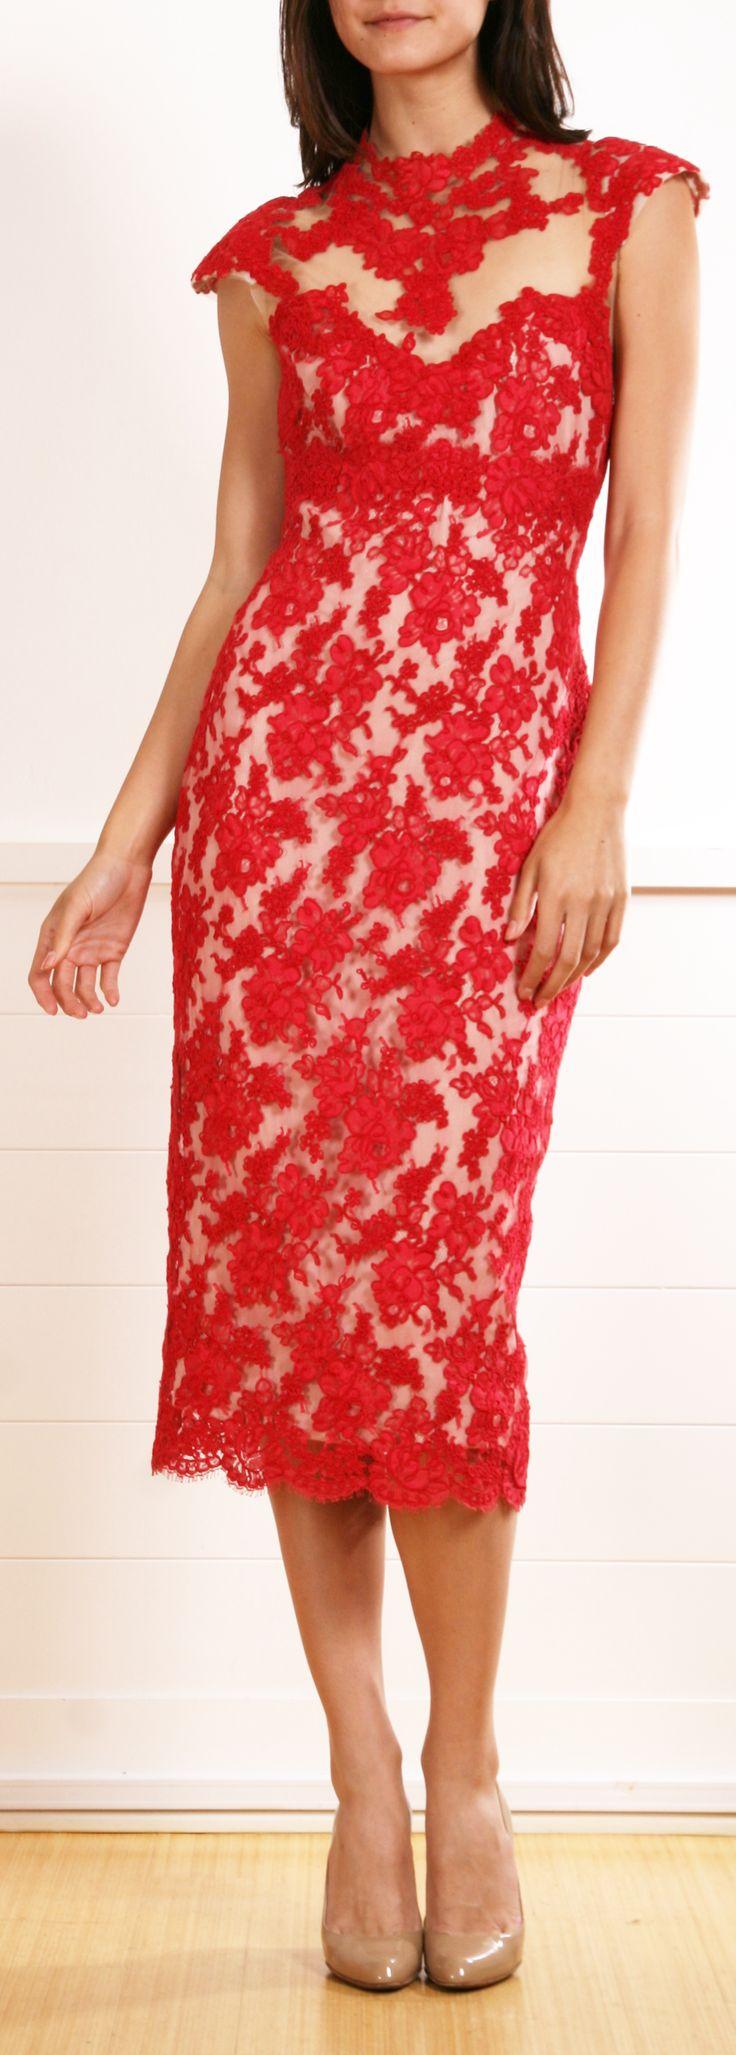 MARCHESA DRESS @Michelle Flynn Flynn Flynn Coleman-Hers